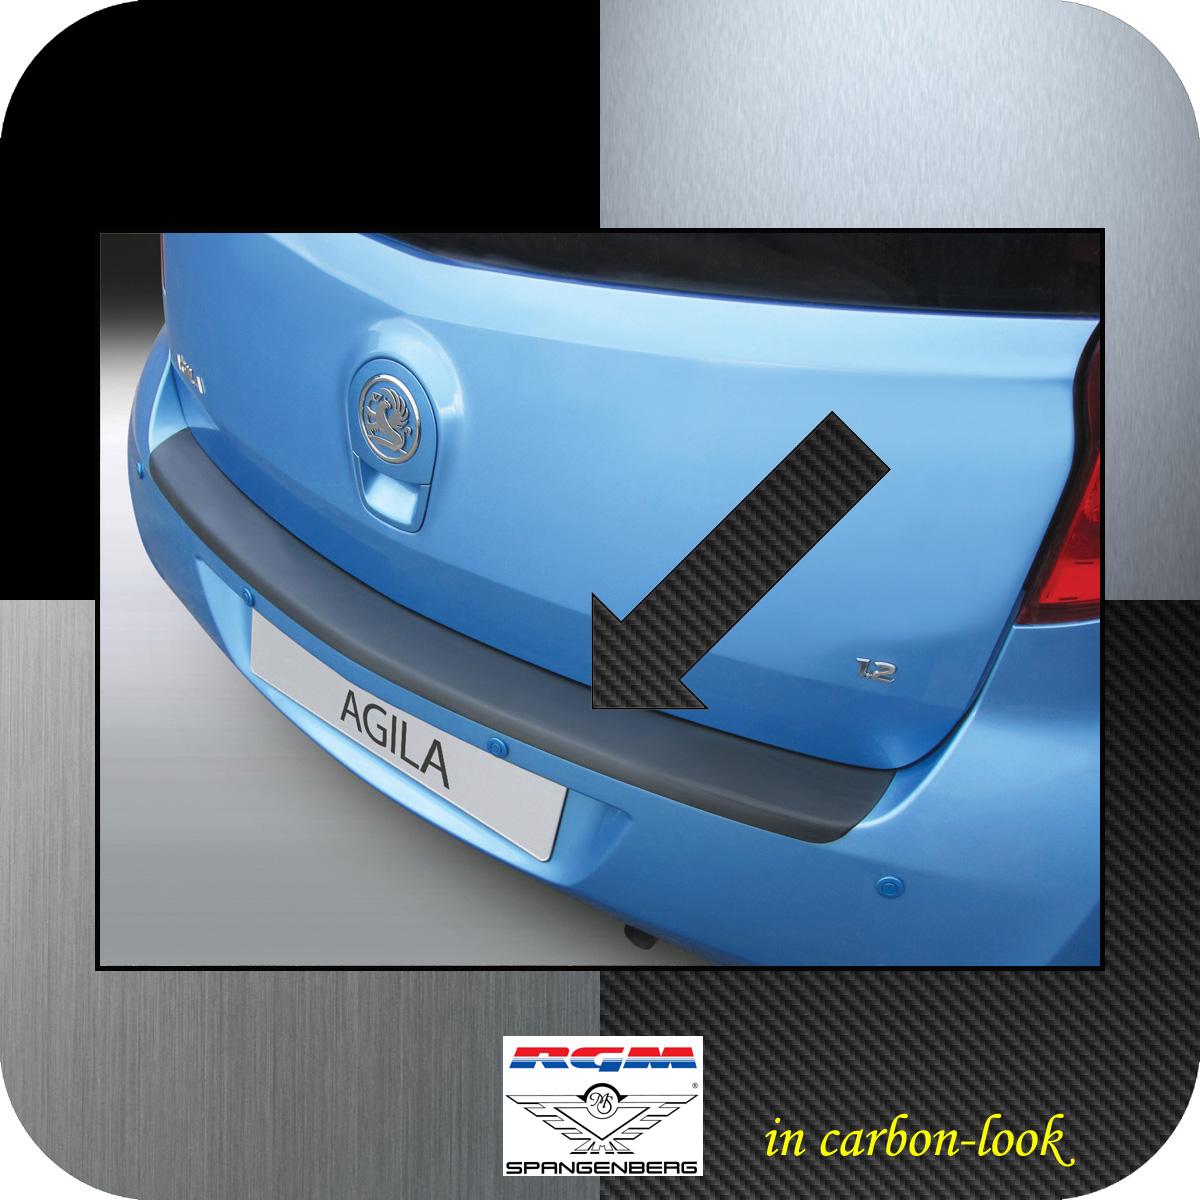 Ladekantenschutz Carbon-Look Opel Agila B Minivan Baujahre 3.2008-6.2015 3509994